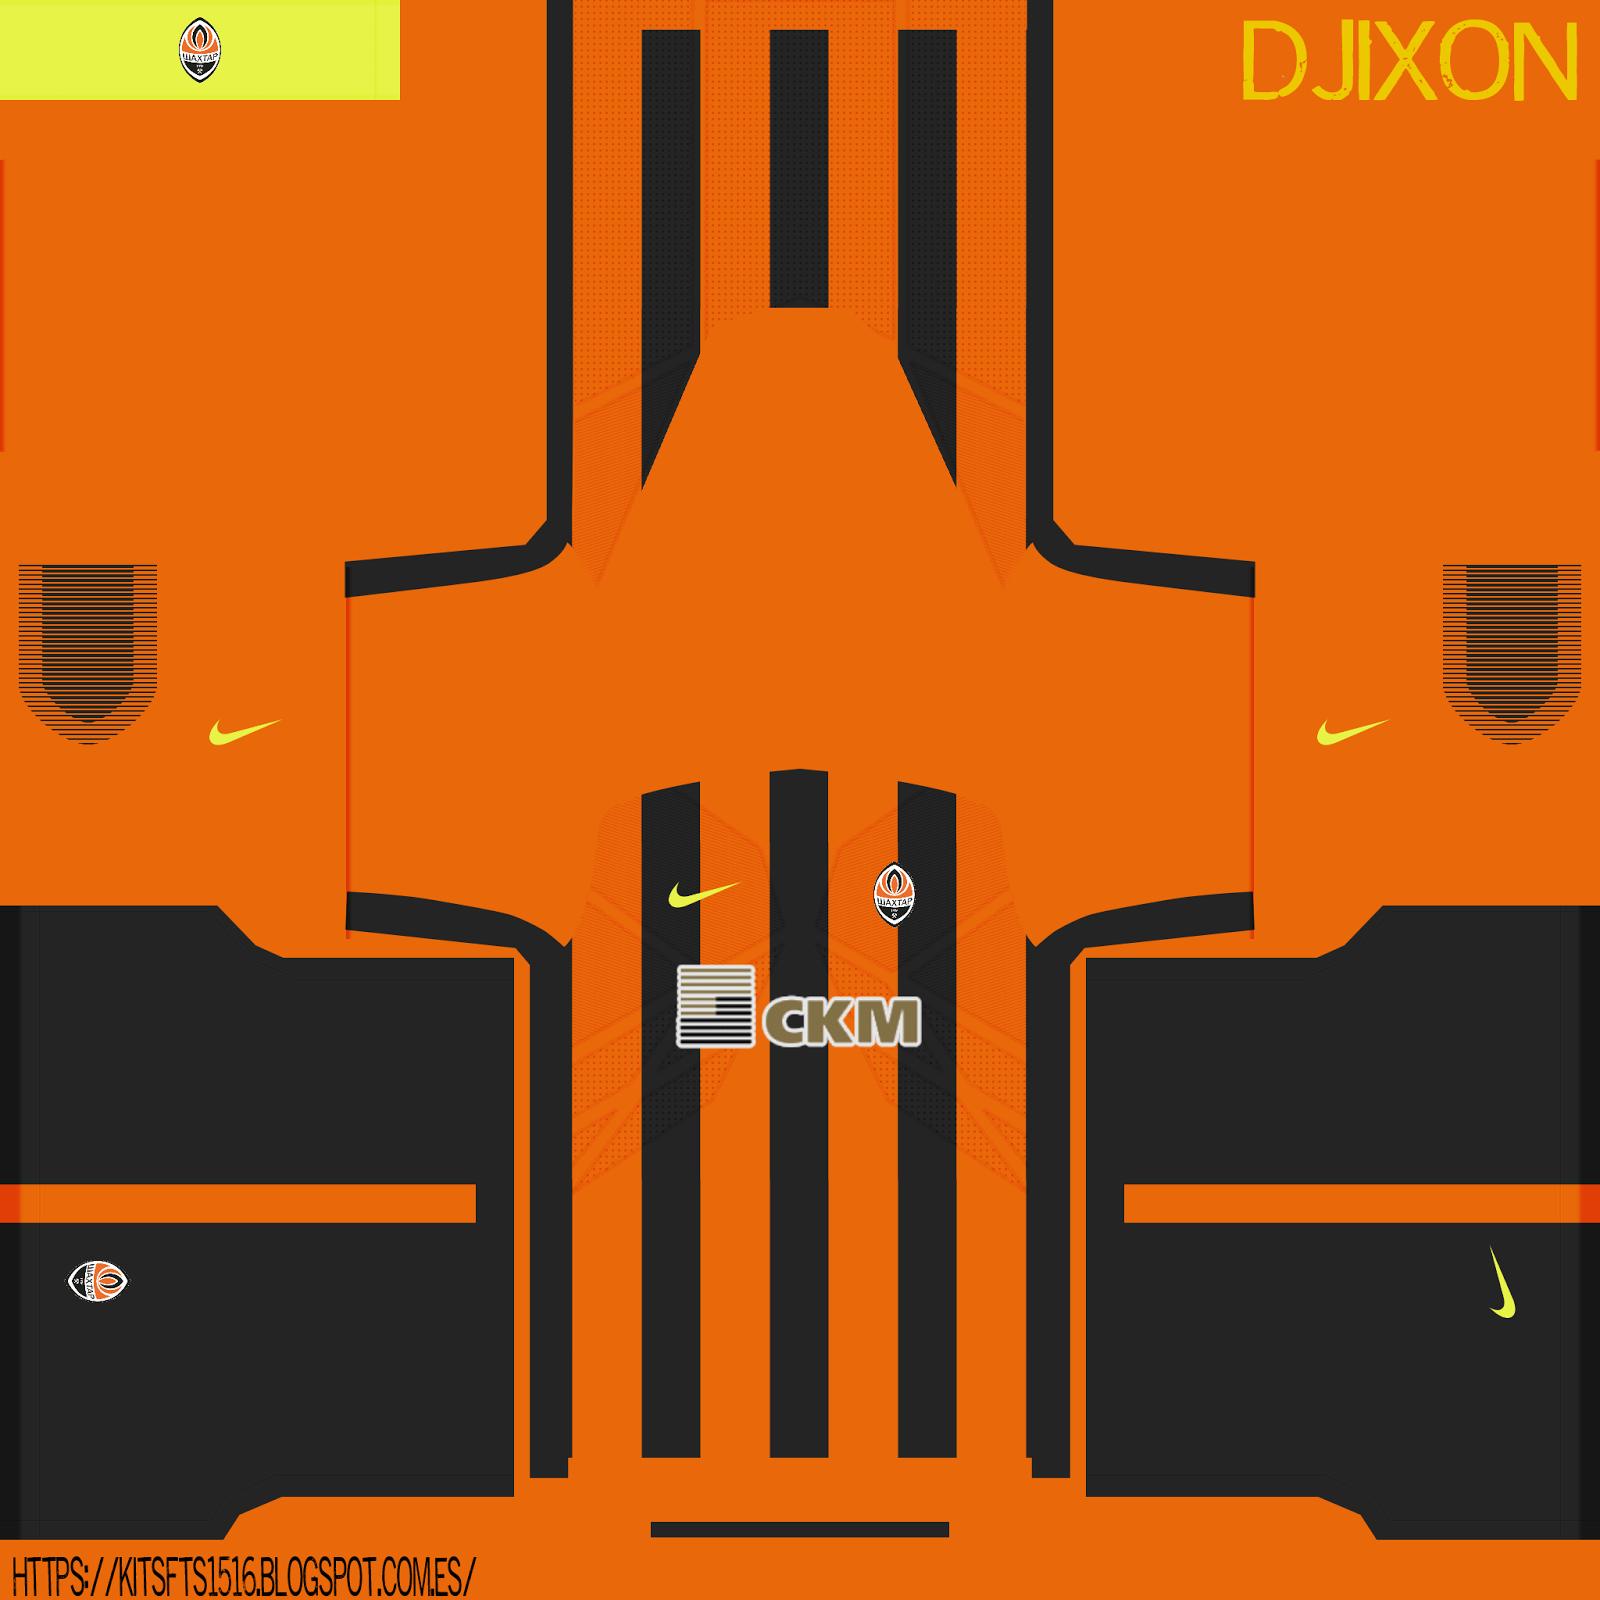 Kits para PES (Pro Evolution Soccer) DL (Dream League, movoles) y